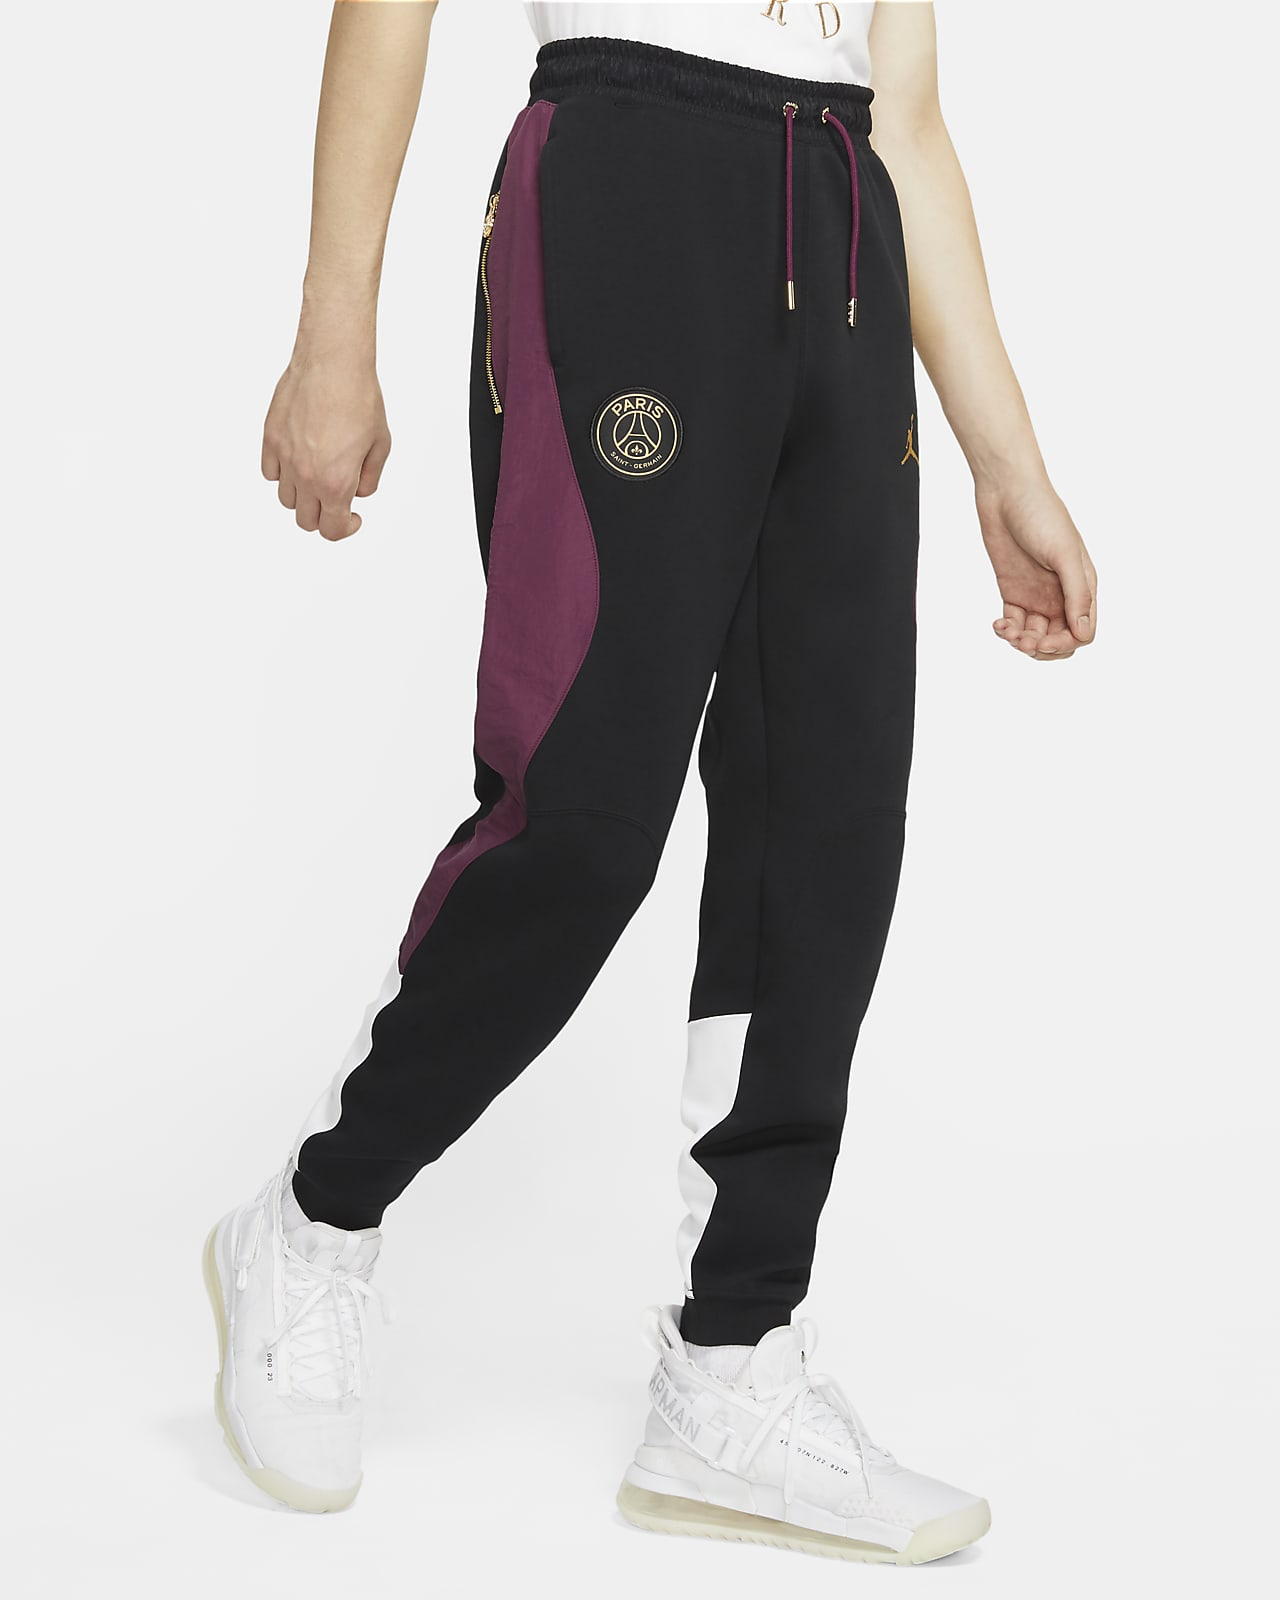 Pantalon de voyage en tissu Fleece Paris Saint-Germain pour Homme